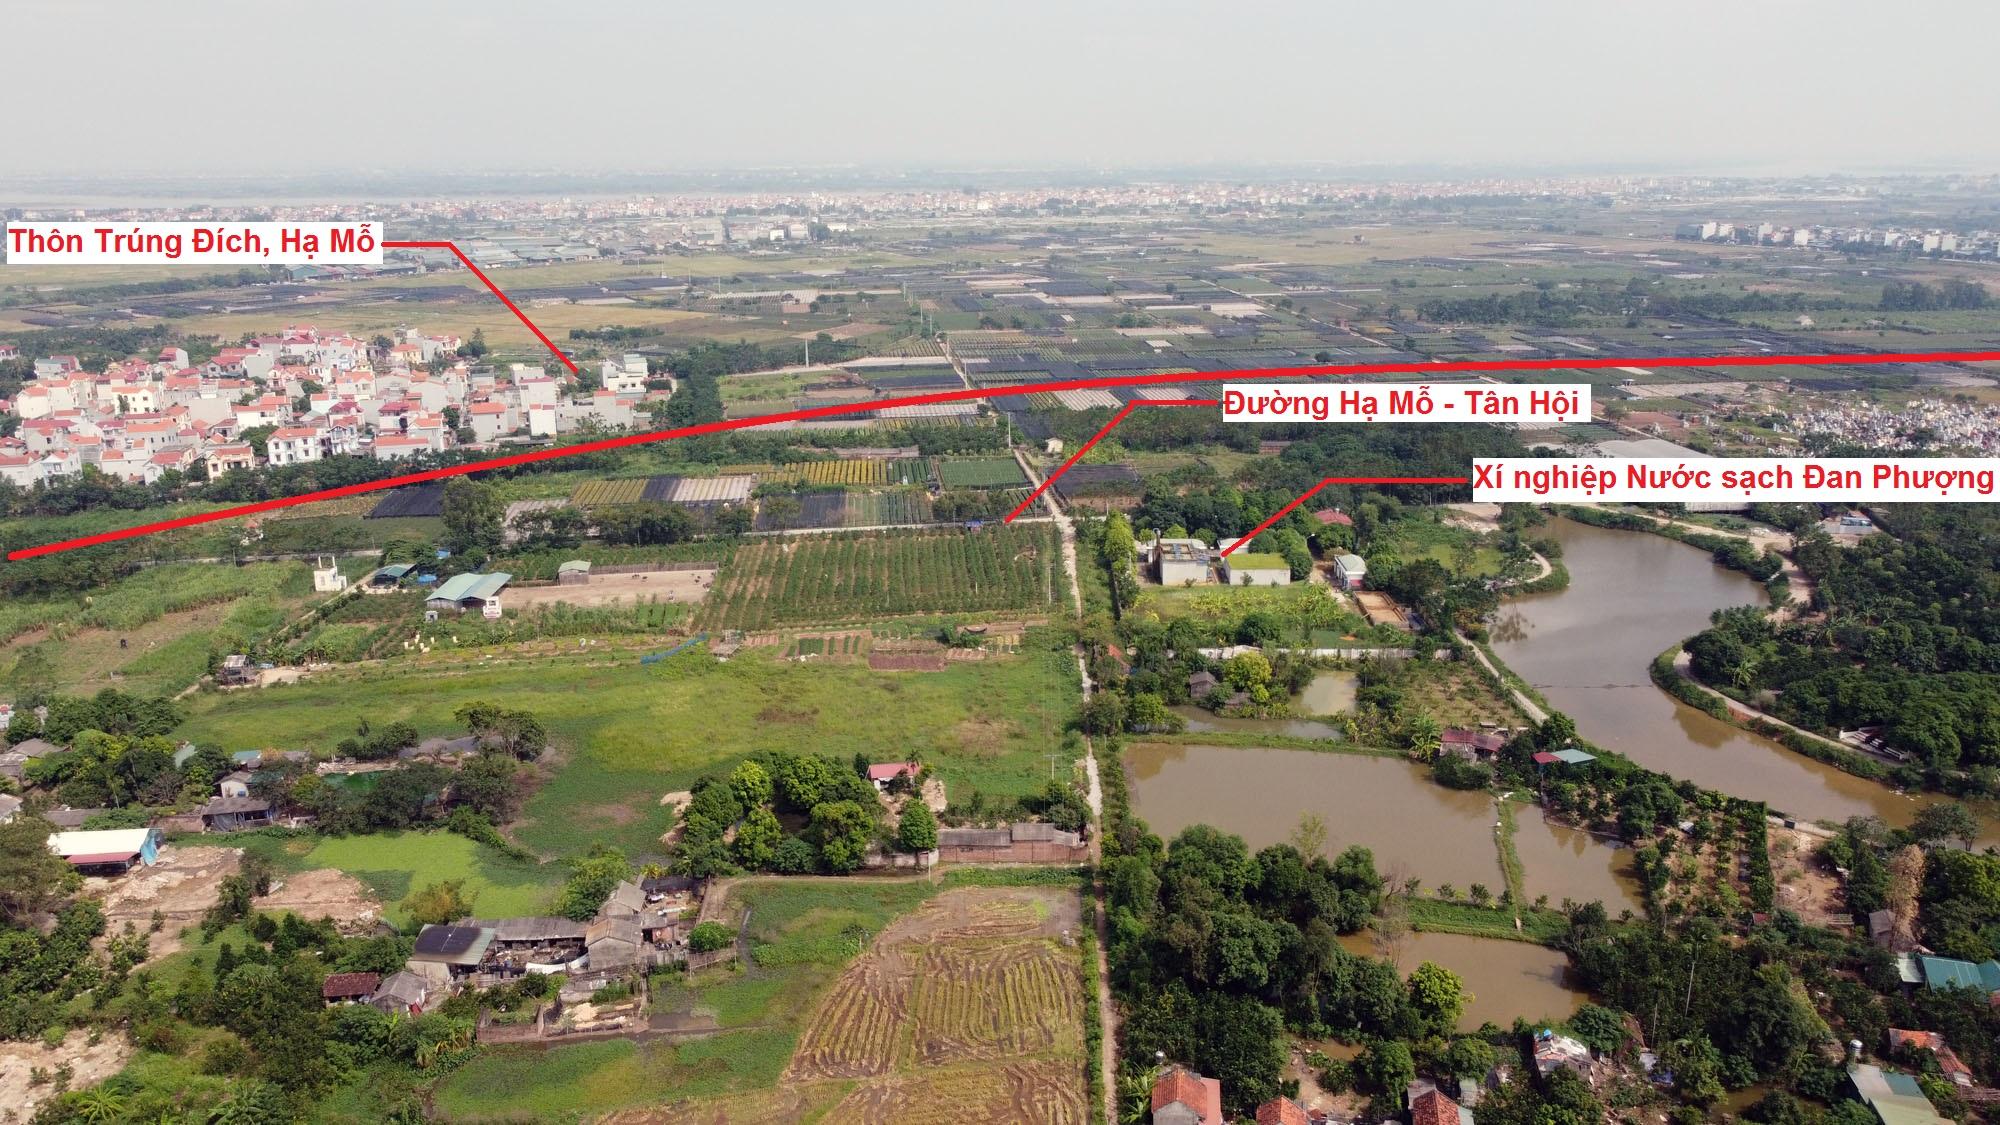 Ba đường sẽ mở theo qui hoạch ở xã Tân Hội, Đan Phượng, Hà Nội - Ảnh 13.